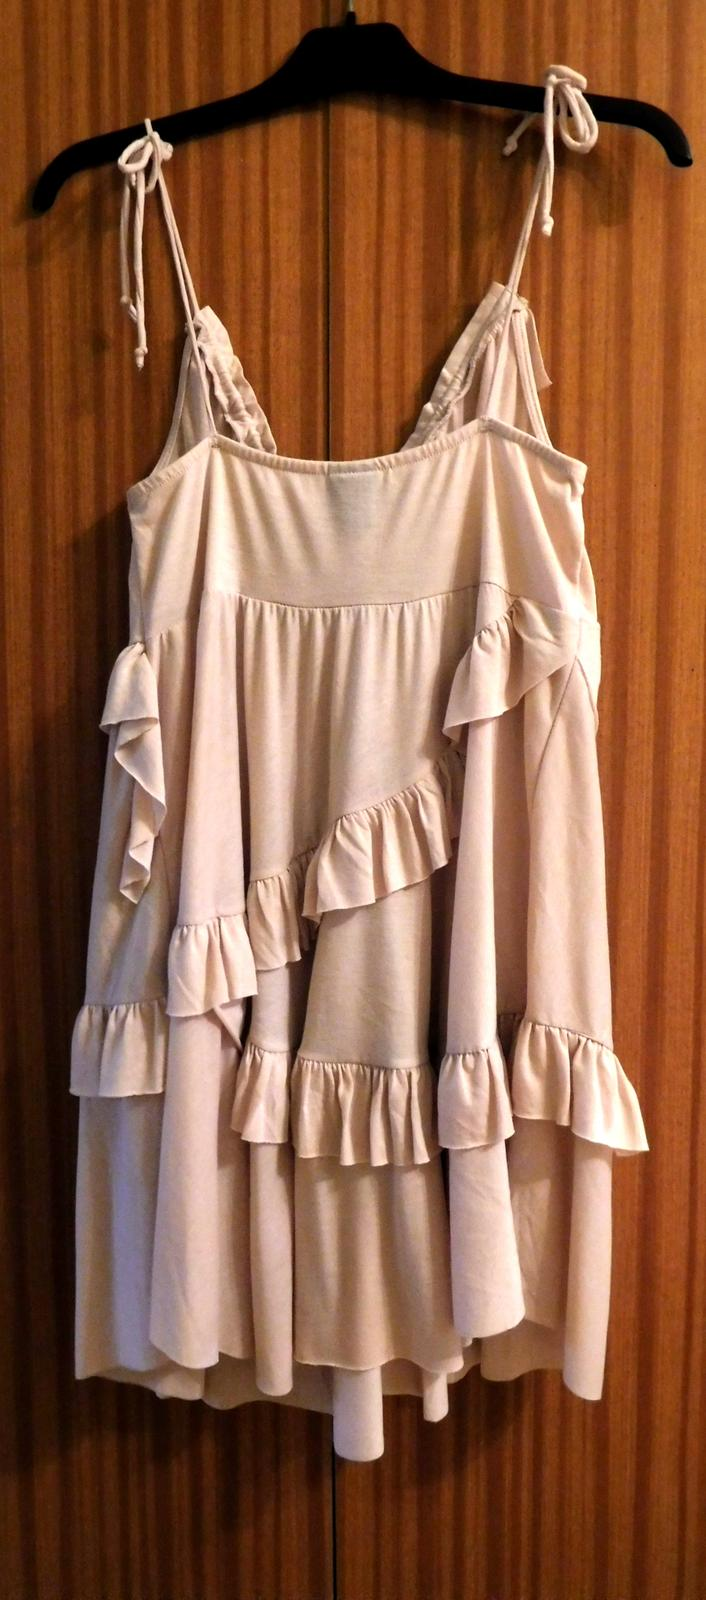 60f5b8f0713 Společenské volánkové šaty 38- h m